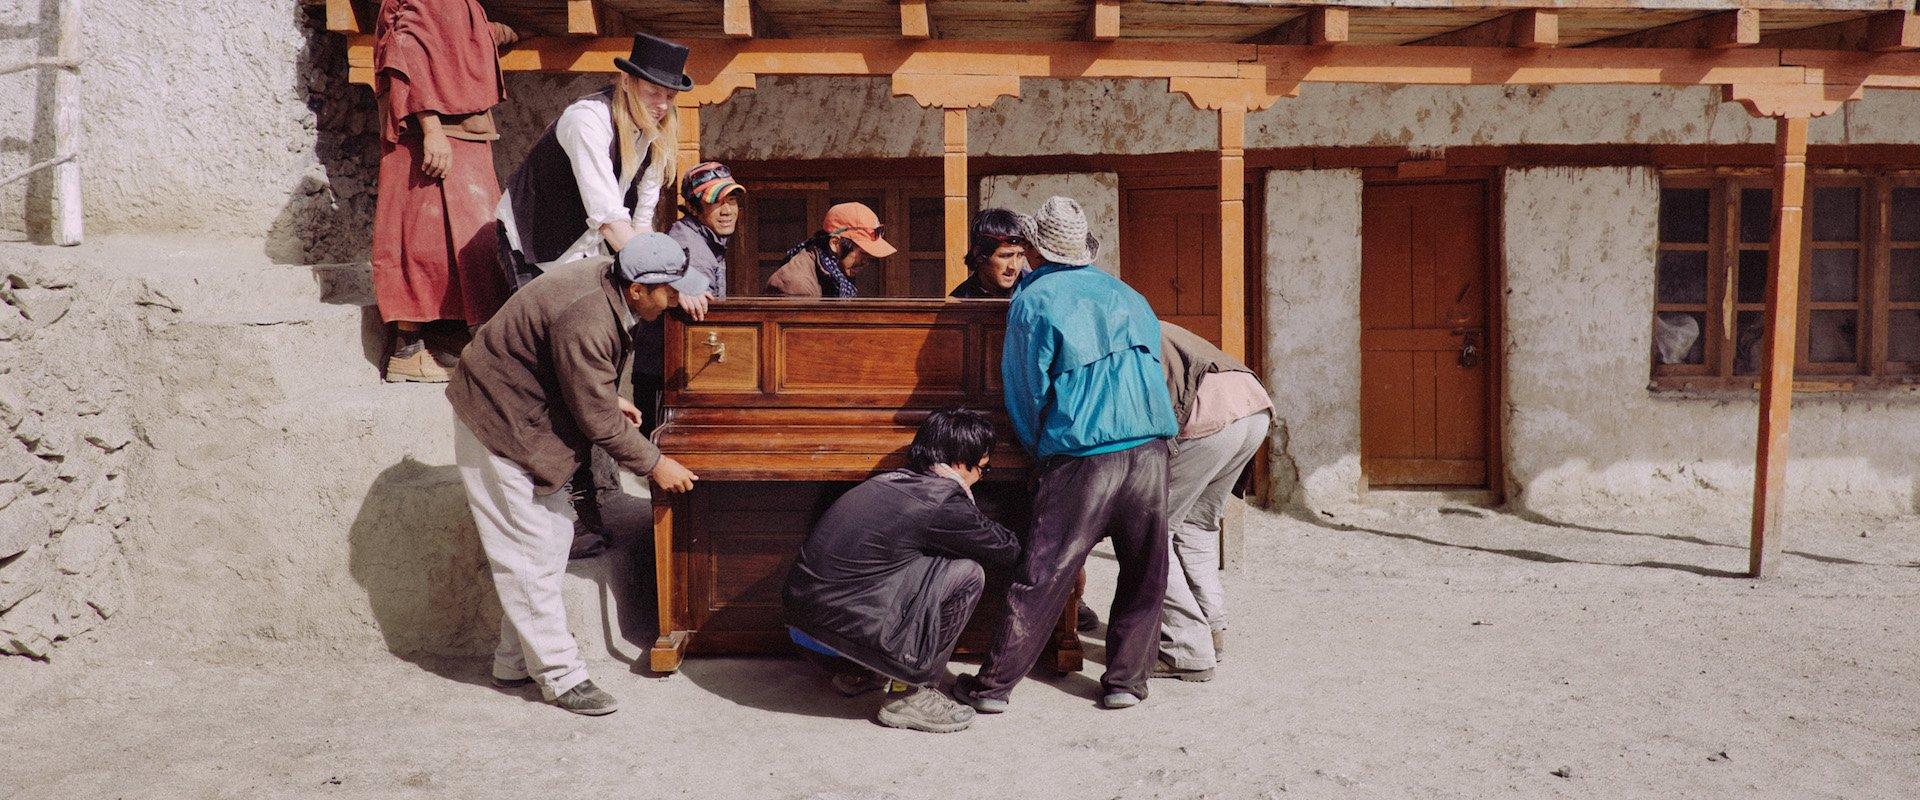 piano to zanskar vimff bkground